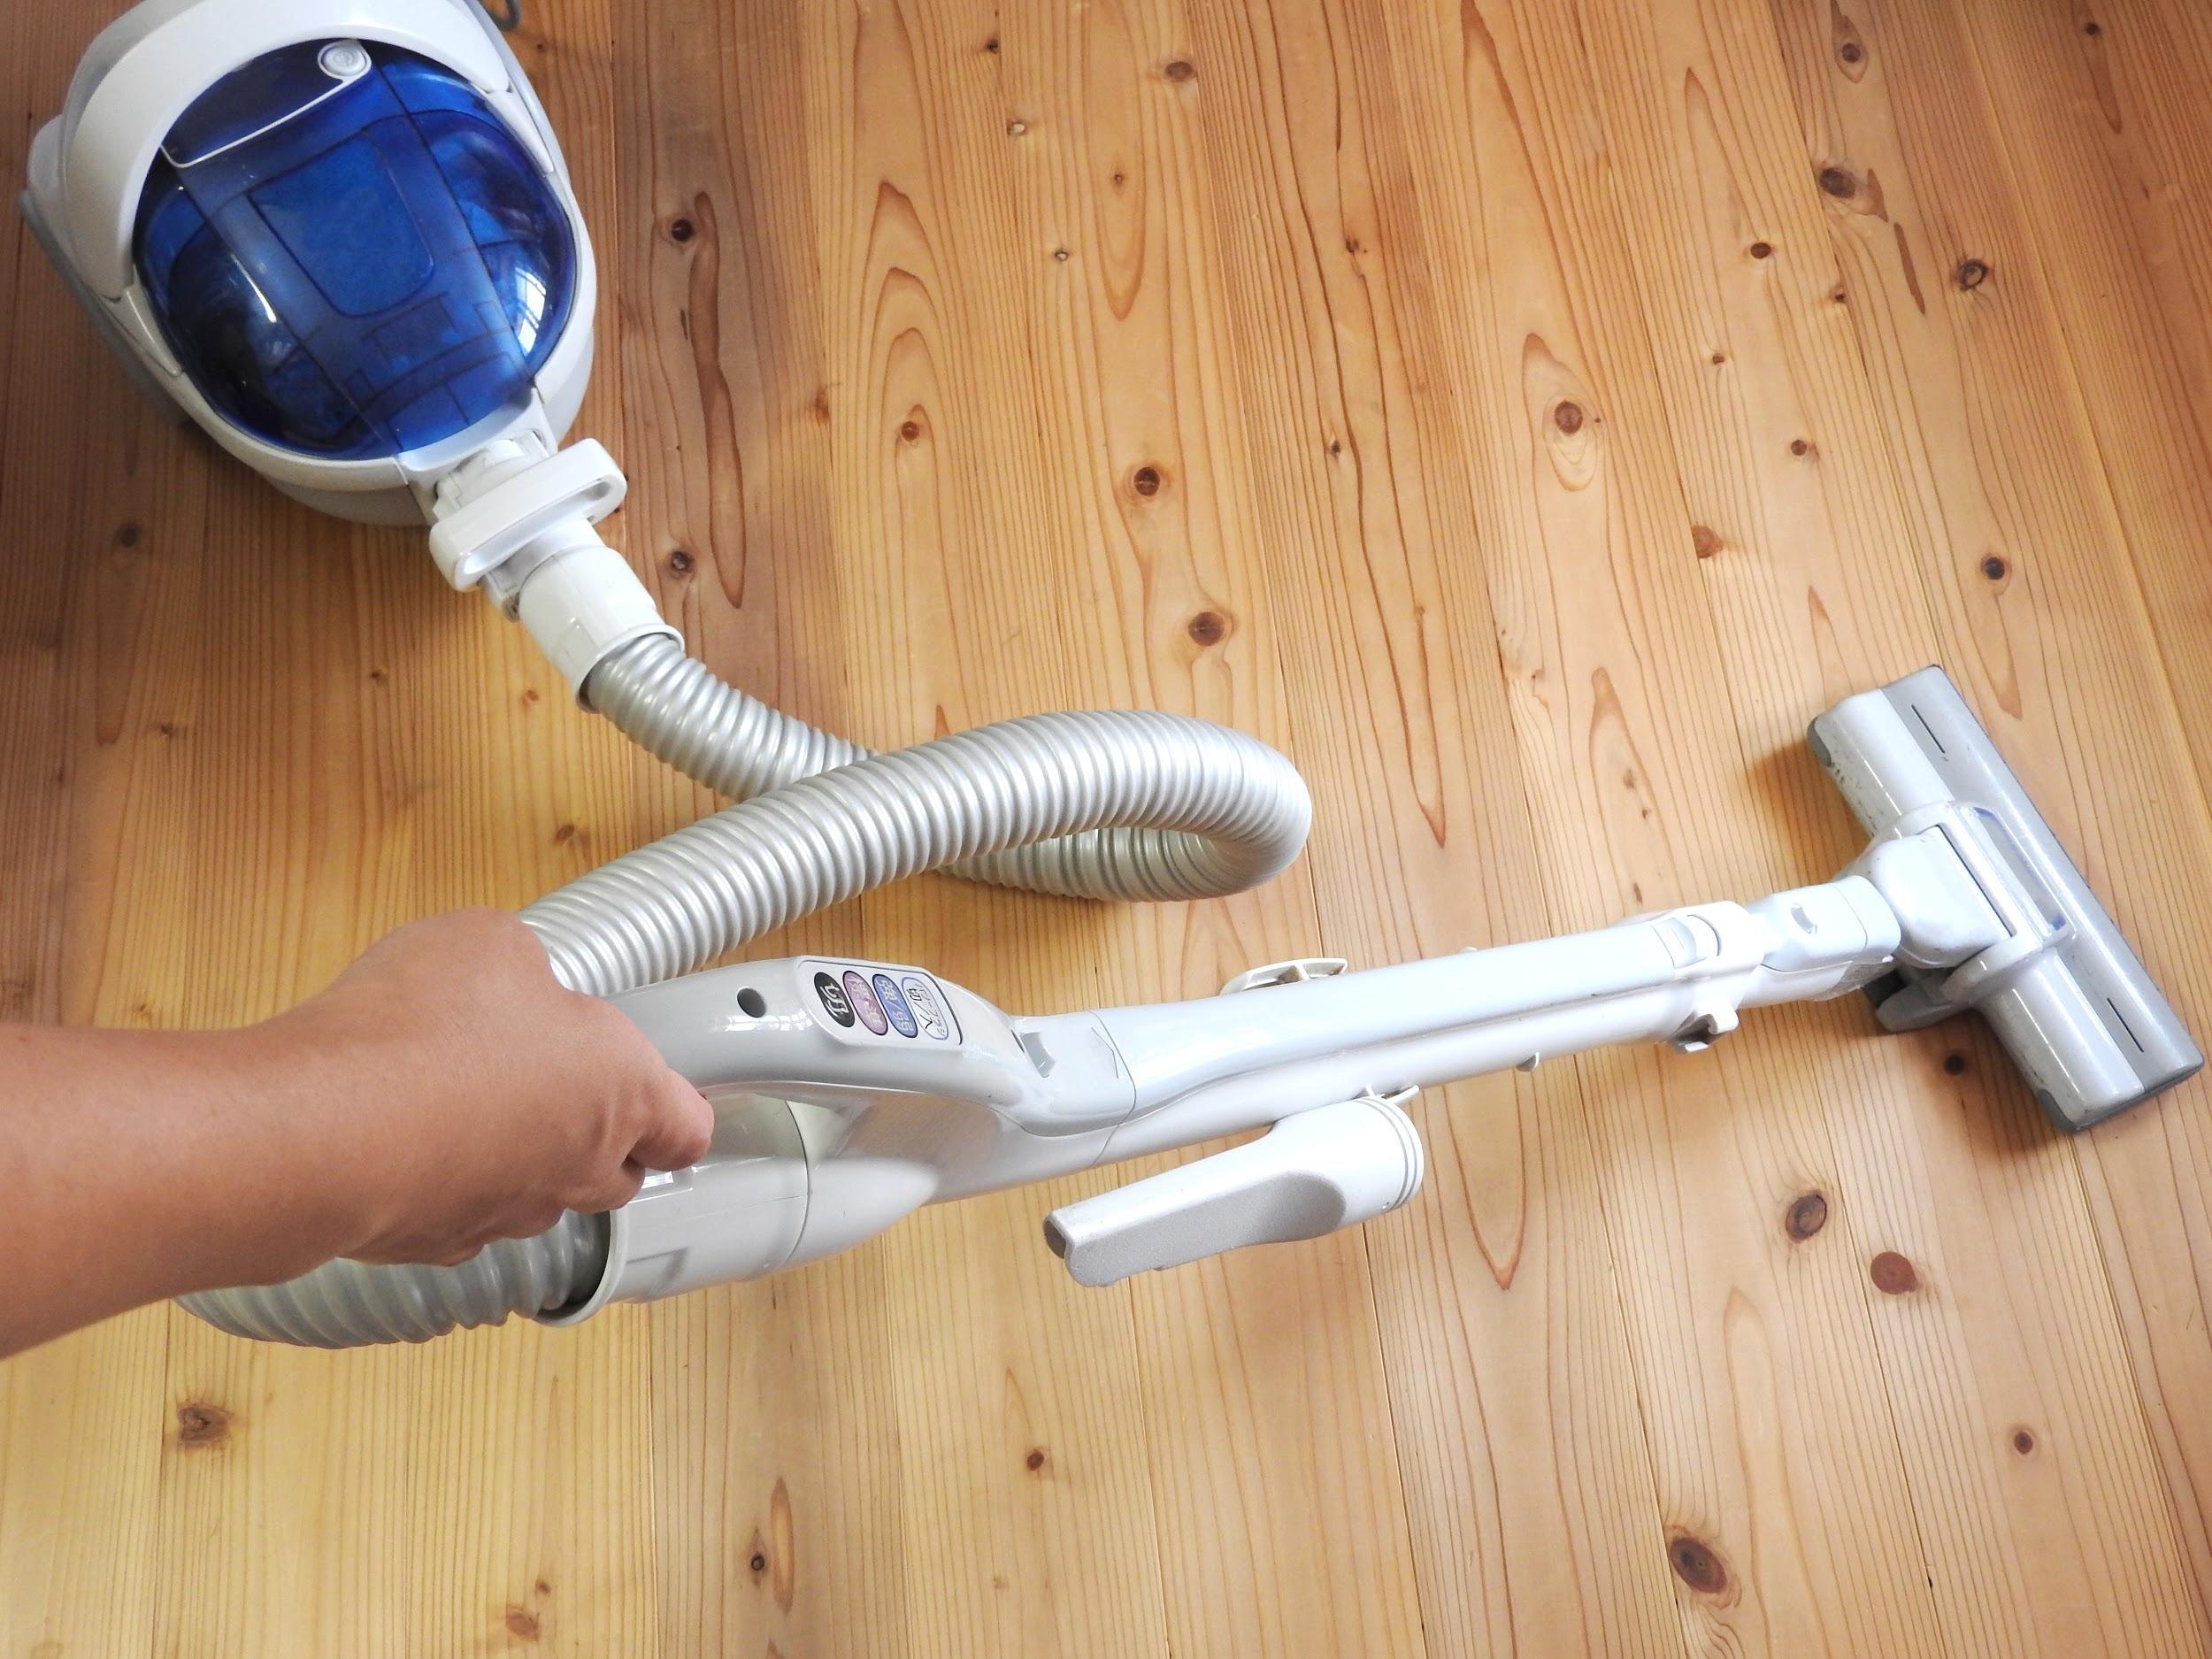 ①まず塗装したい面に掃除機をかけ、水で絞った布で拭く。